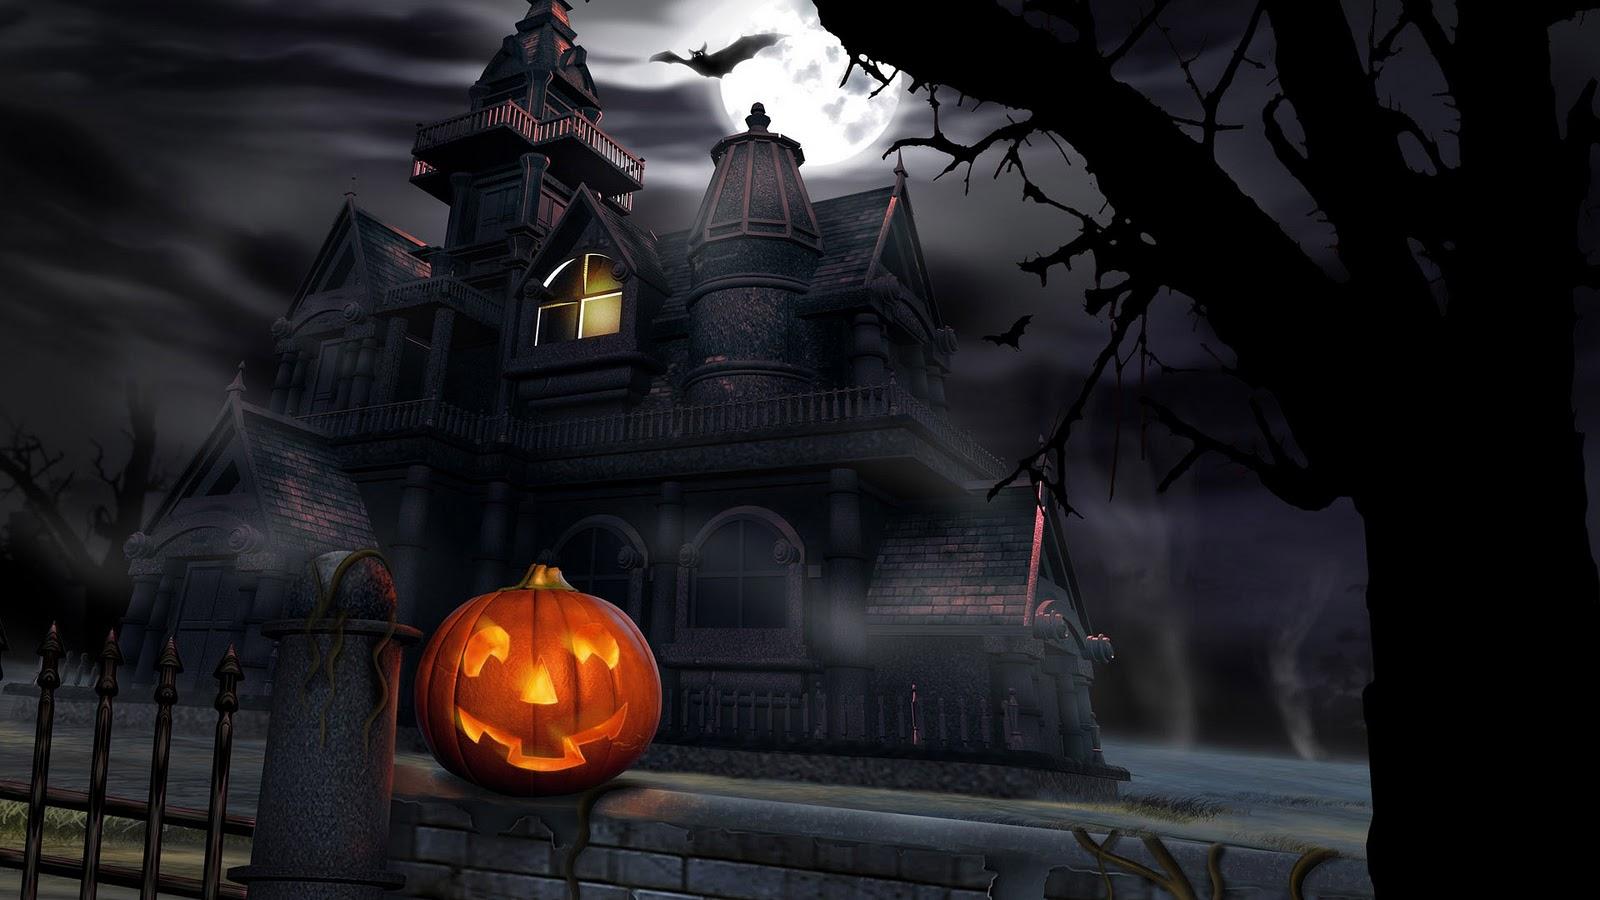 Best 3D Halloween Horror Wallpaper Full HD Wallpaper with 1600x900 1600x900